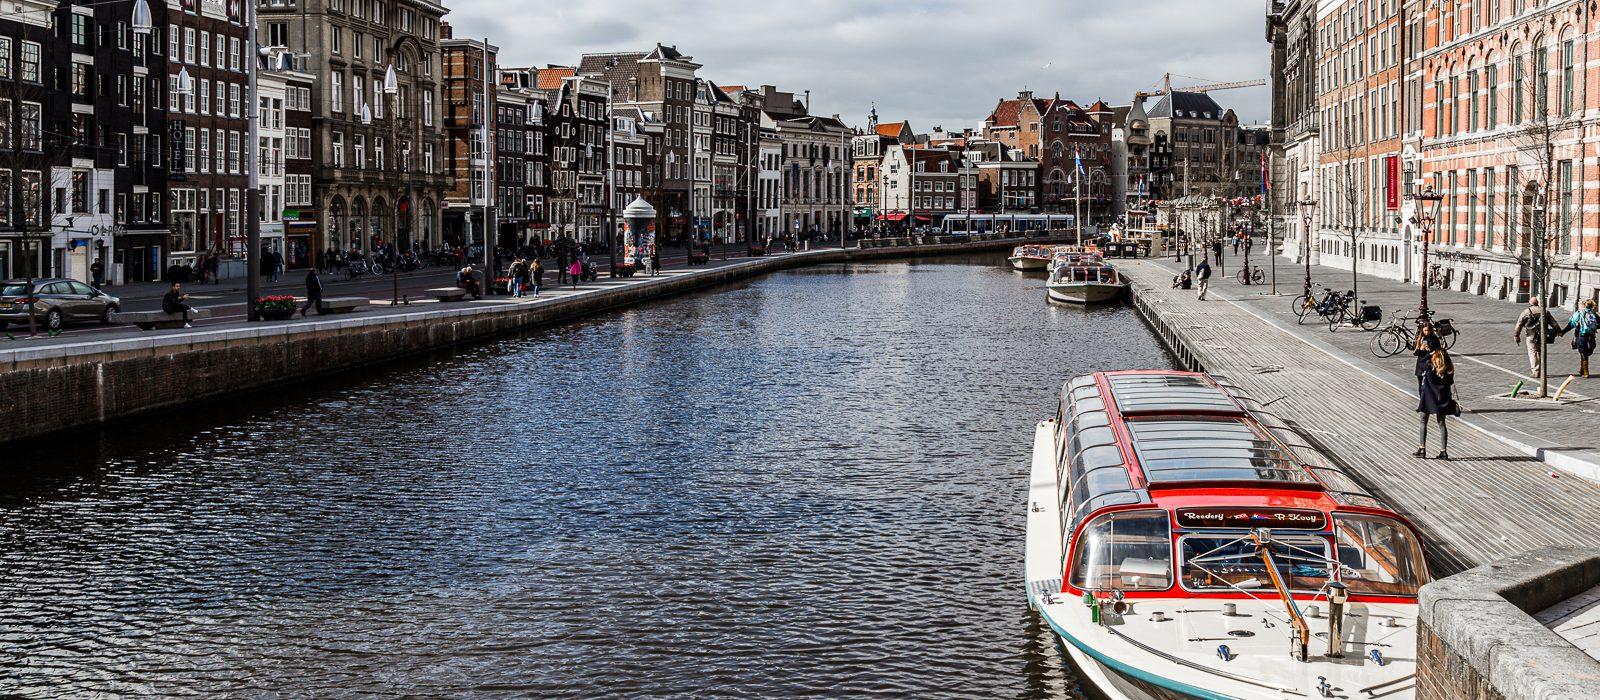 Dieses Foto von Amsterdam zeigt eine Gracht mit Boot und die wunderschönen für Amsterdam typischen Häuser